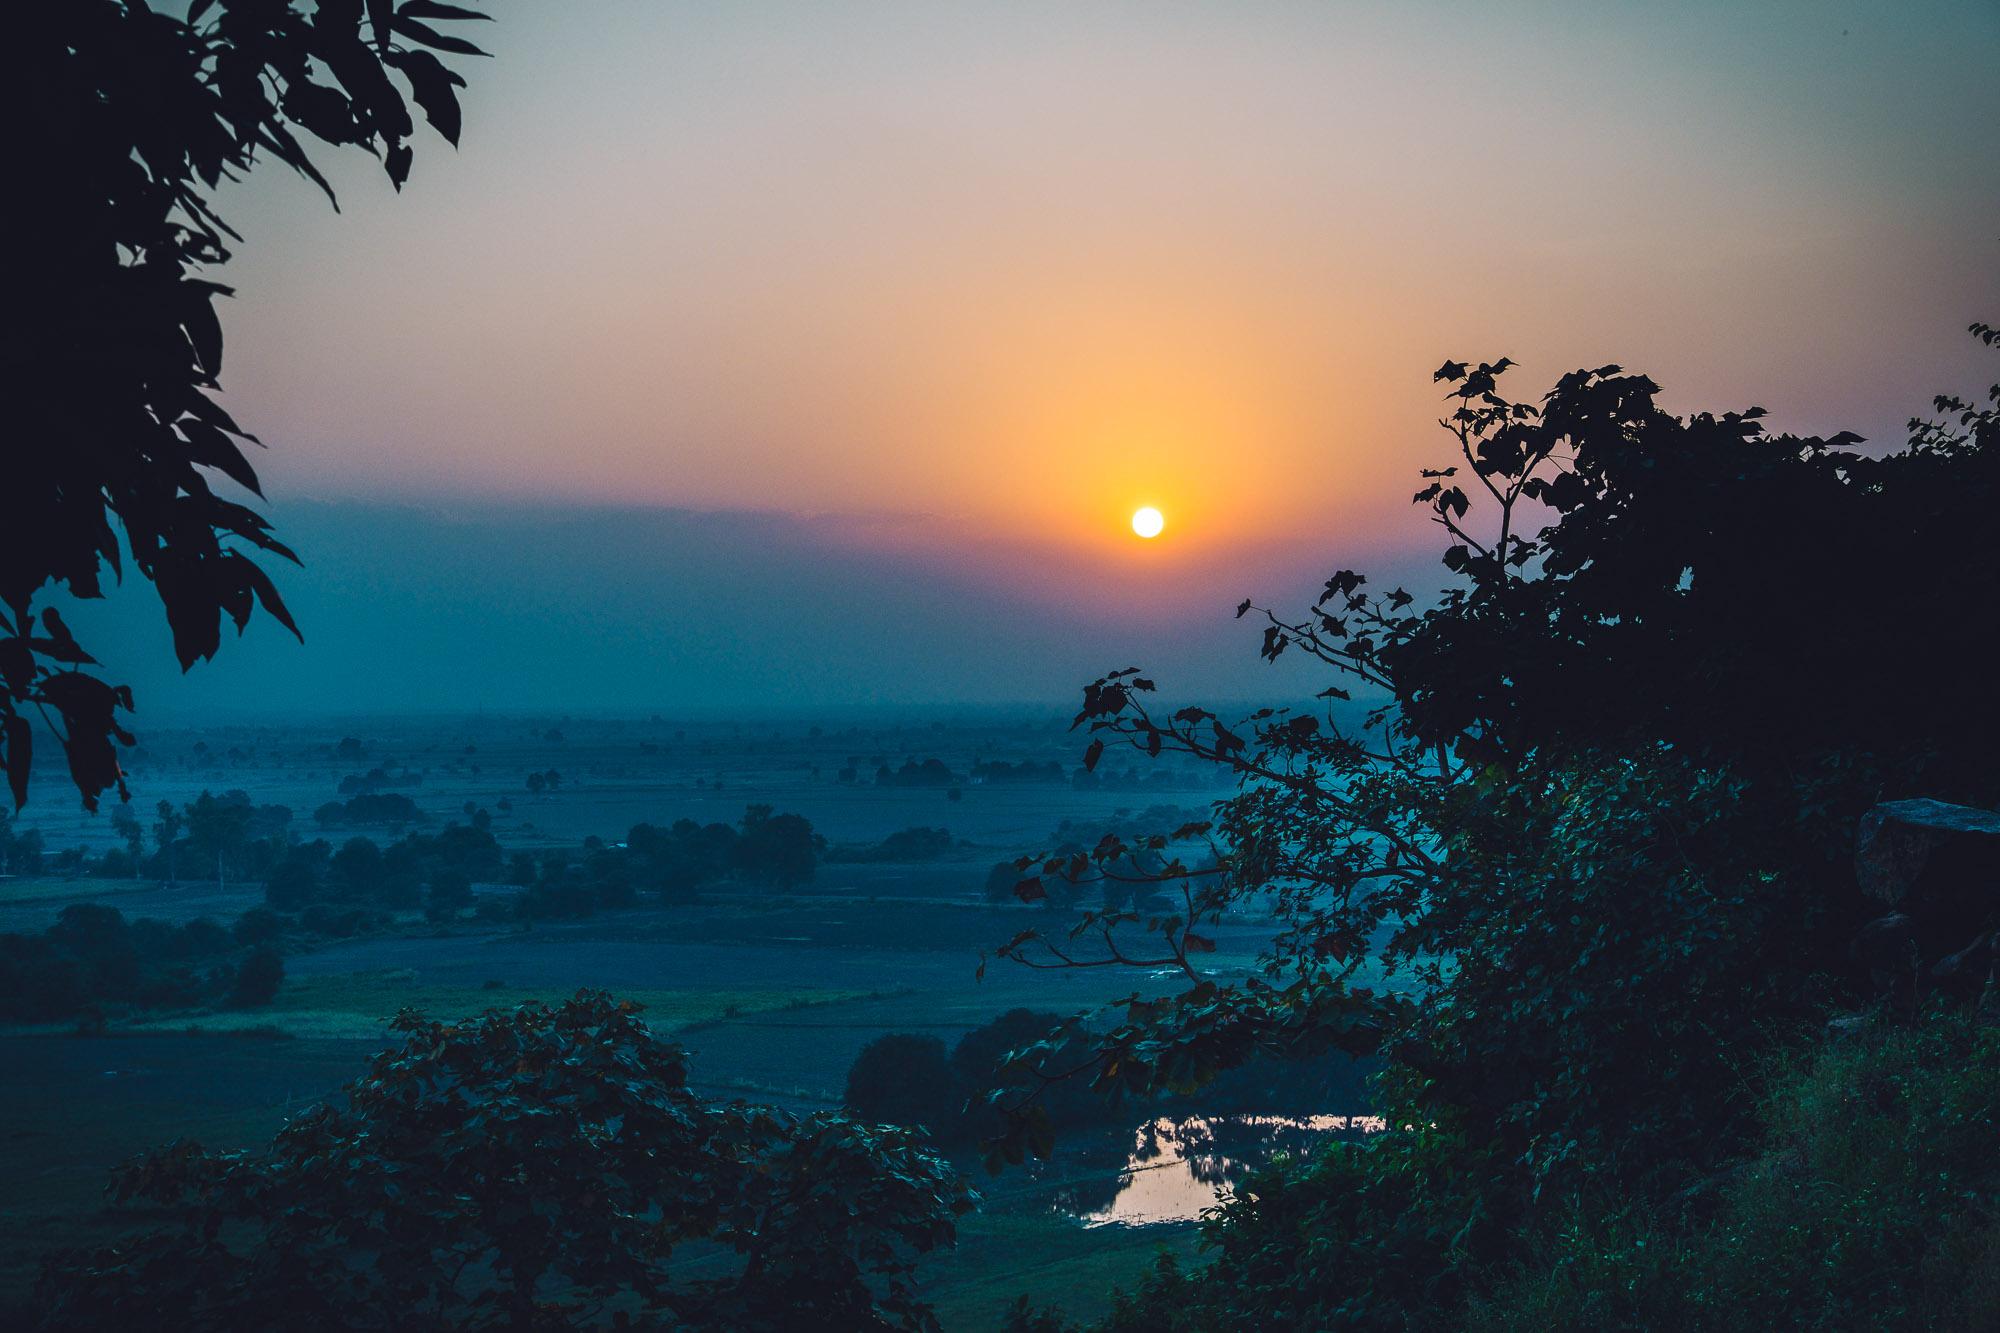 170930-madhya-pradesh-175454-instagram.jpg